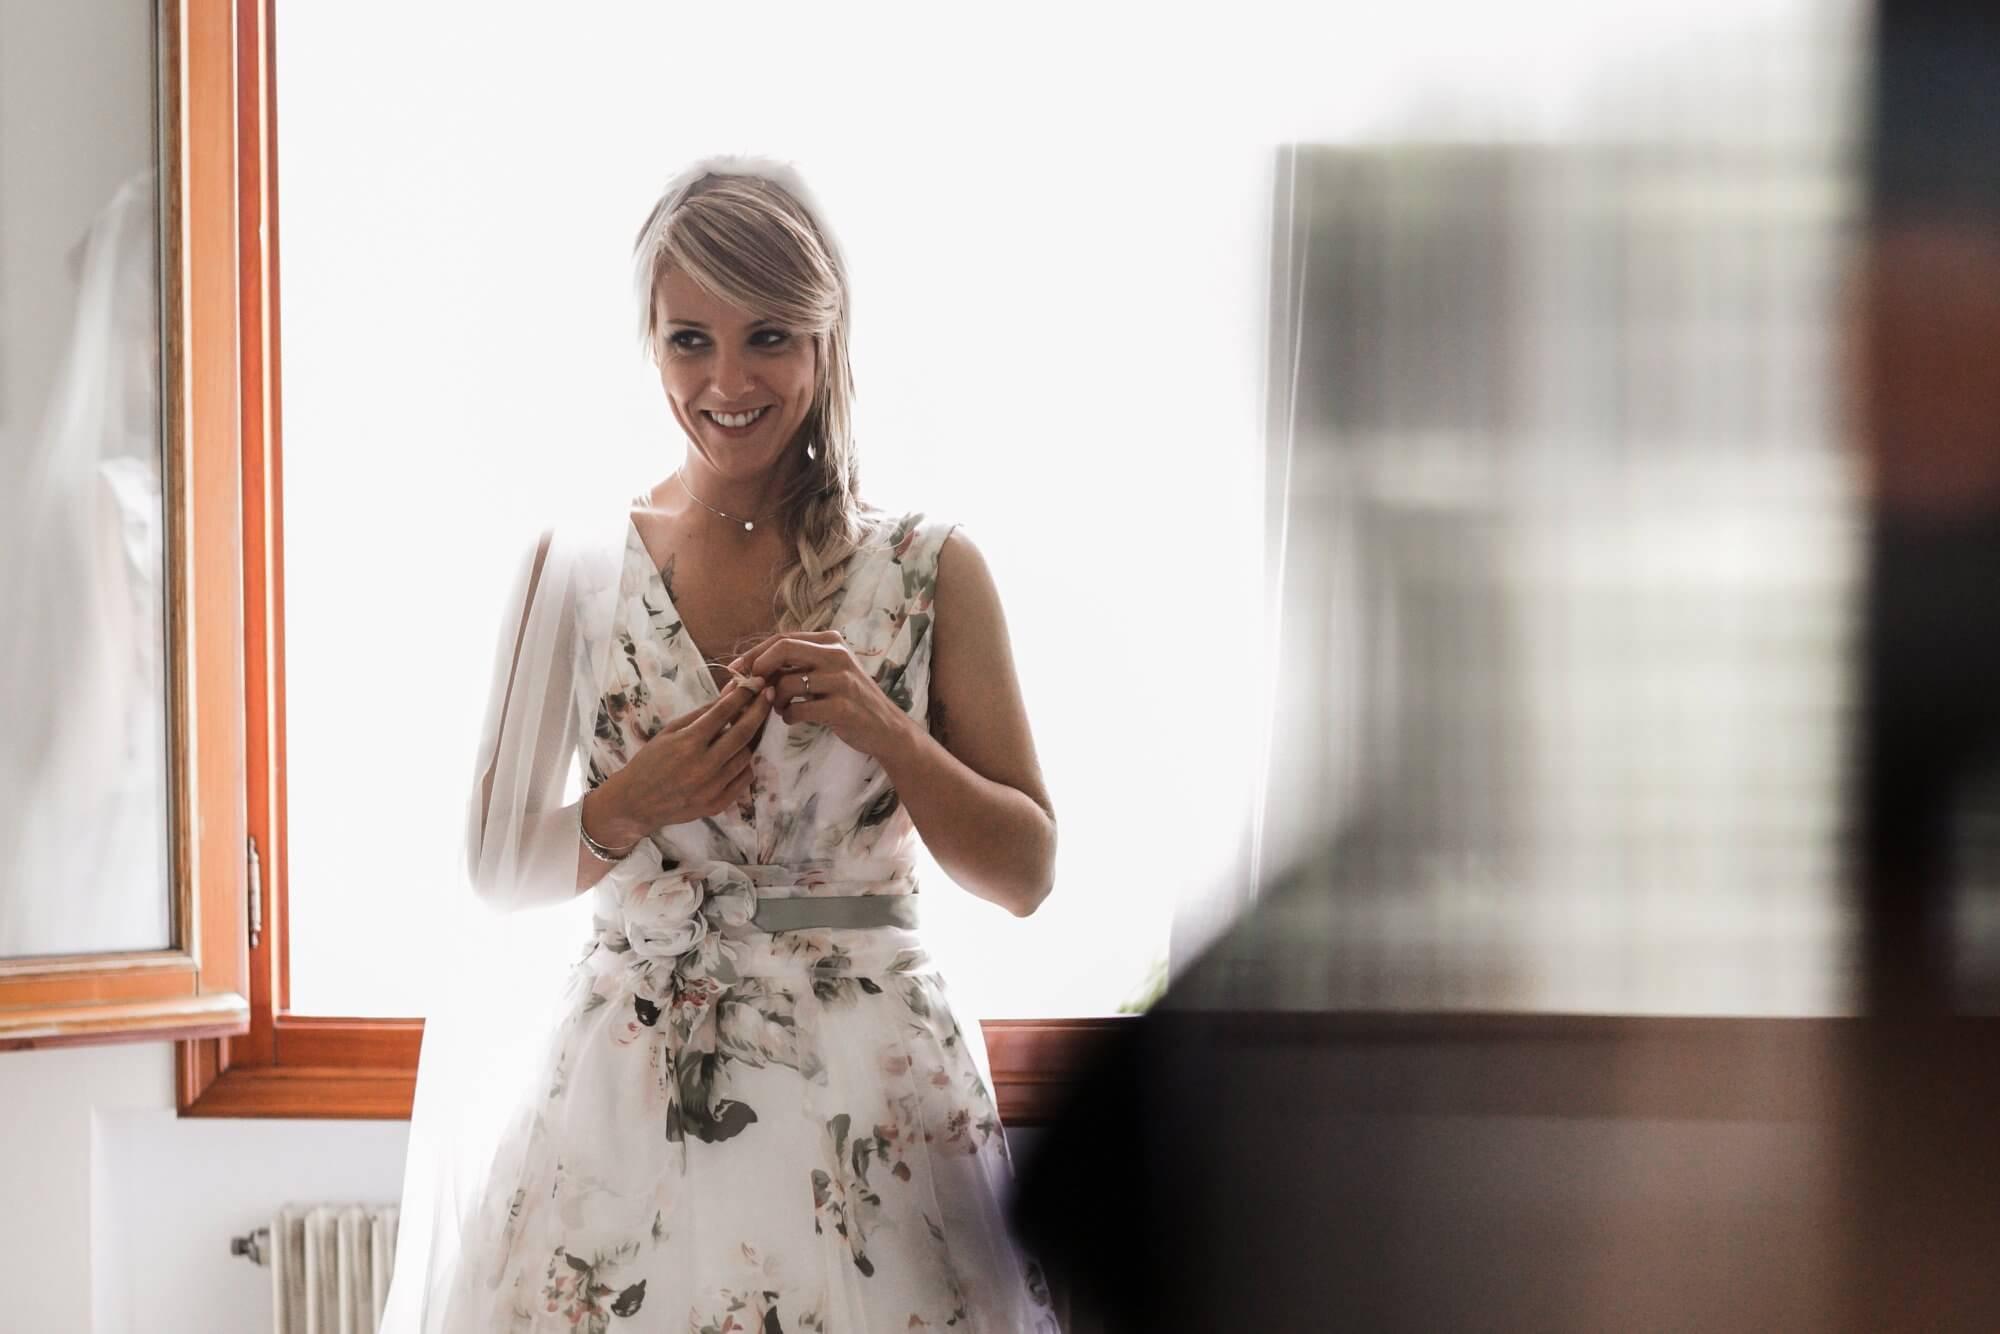 Servizio fotografico di matrimonio a Castelletto (Treviso) e servizio di coppia in Borgo a Serravalle. Elena e Mattia sposi. Michelino Studio, fotografi di matrimonio professionisti in Veneto.